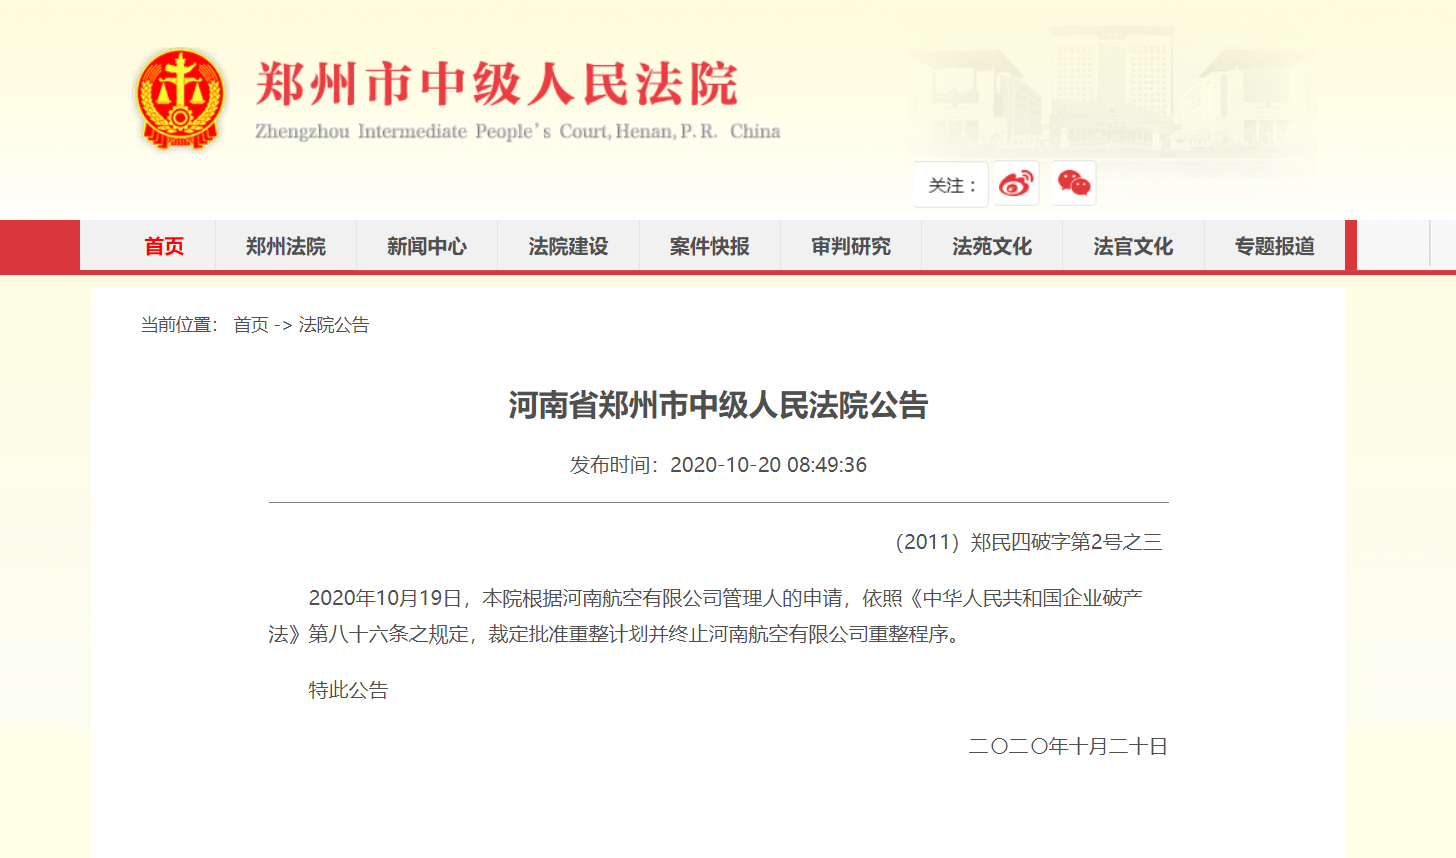 审理长达八年!河南航空重整计划获批,河南航投受让70%股权